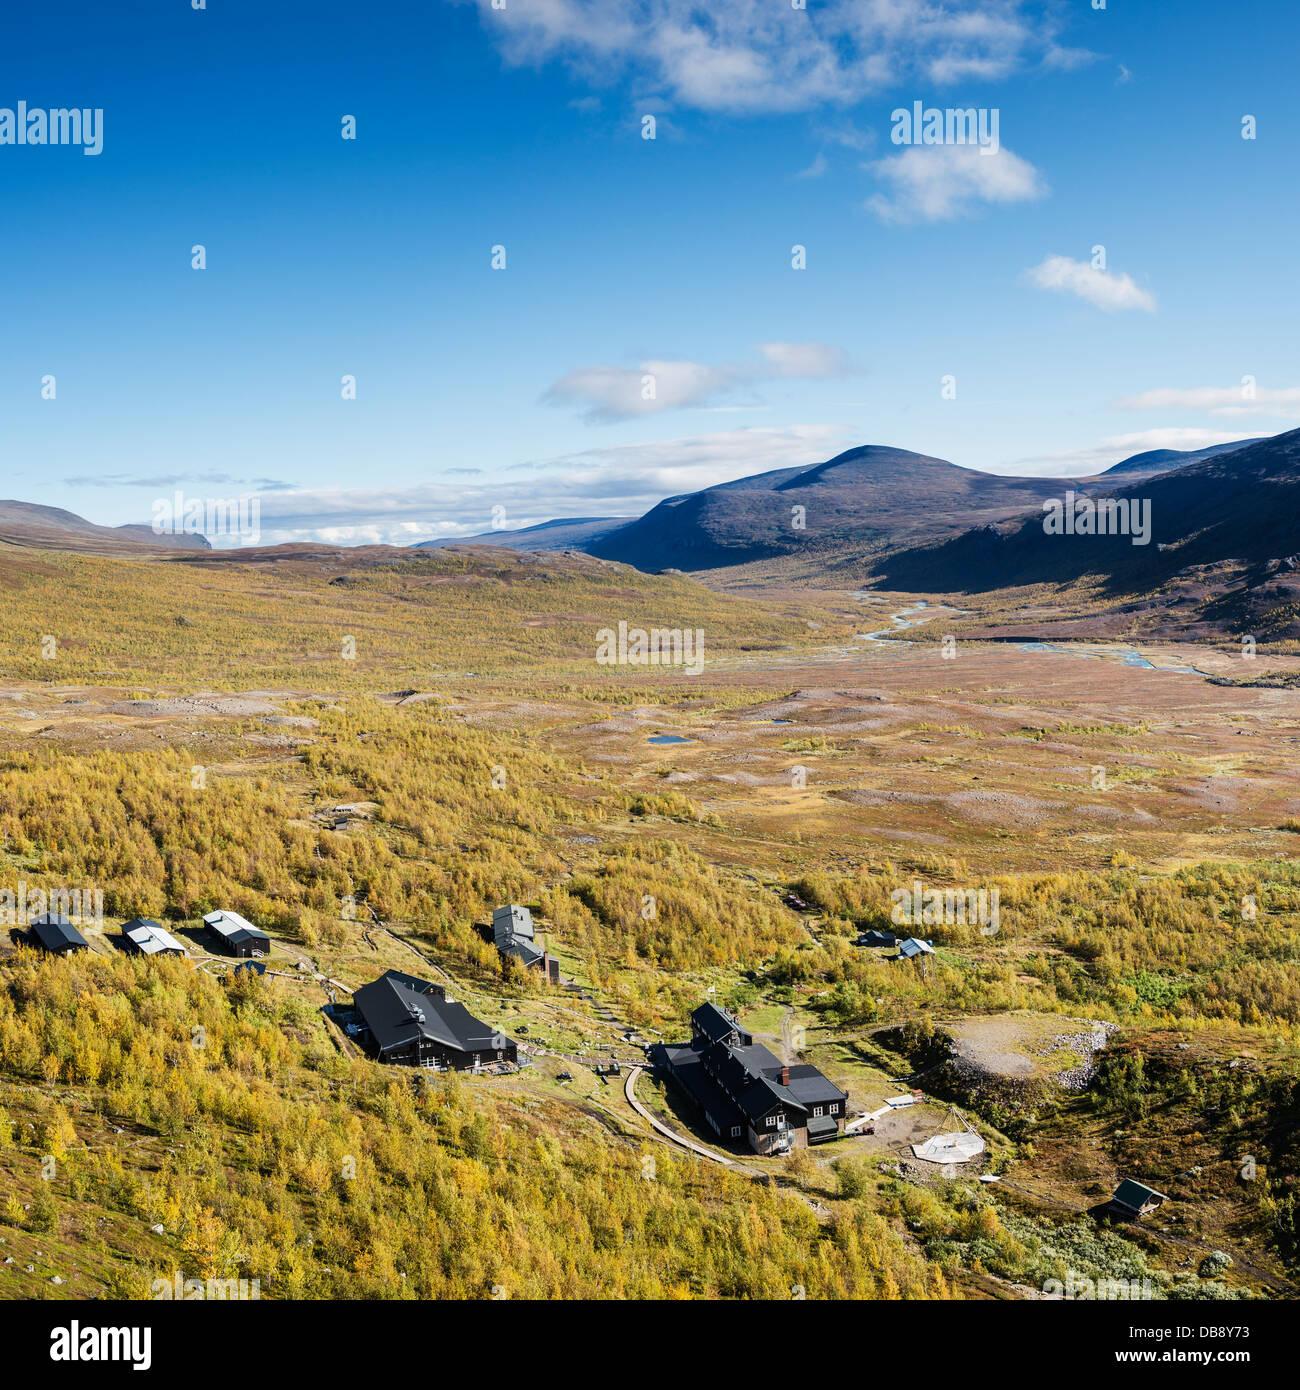 Autumn view over STF Kebnekaise Fjällstation mountain hut, Lappland, Sweden - Stock Image